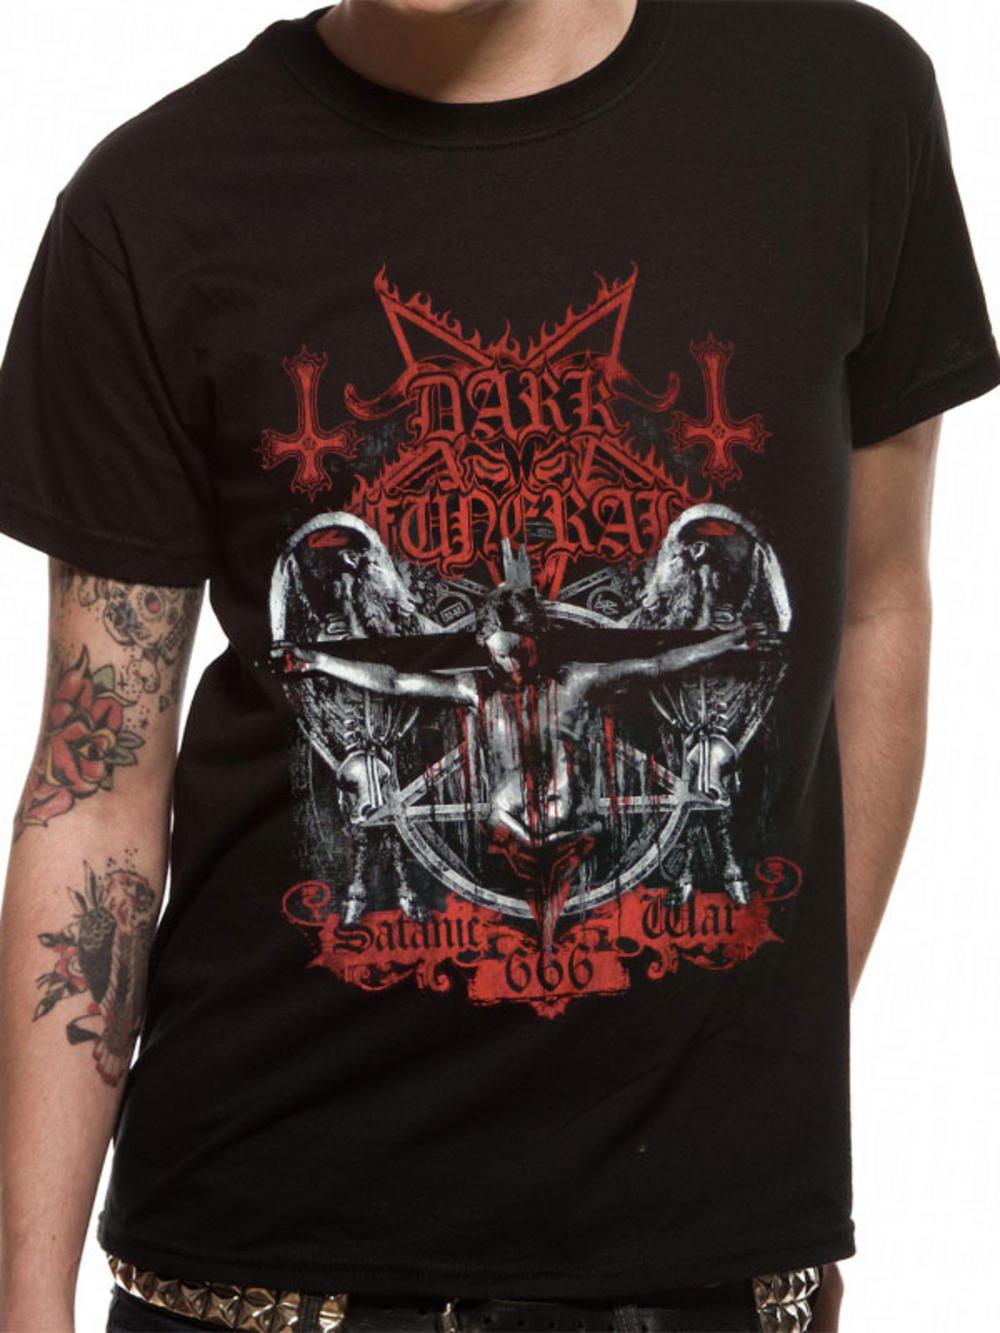 Dark Funeral (Summer Rituals) T-Shirt. Buy Dark Funeral (Summer